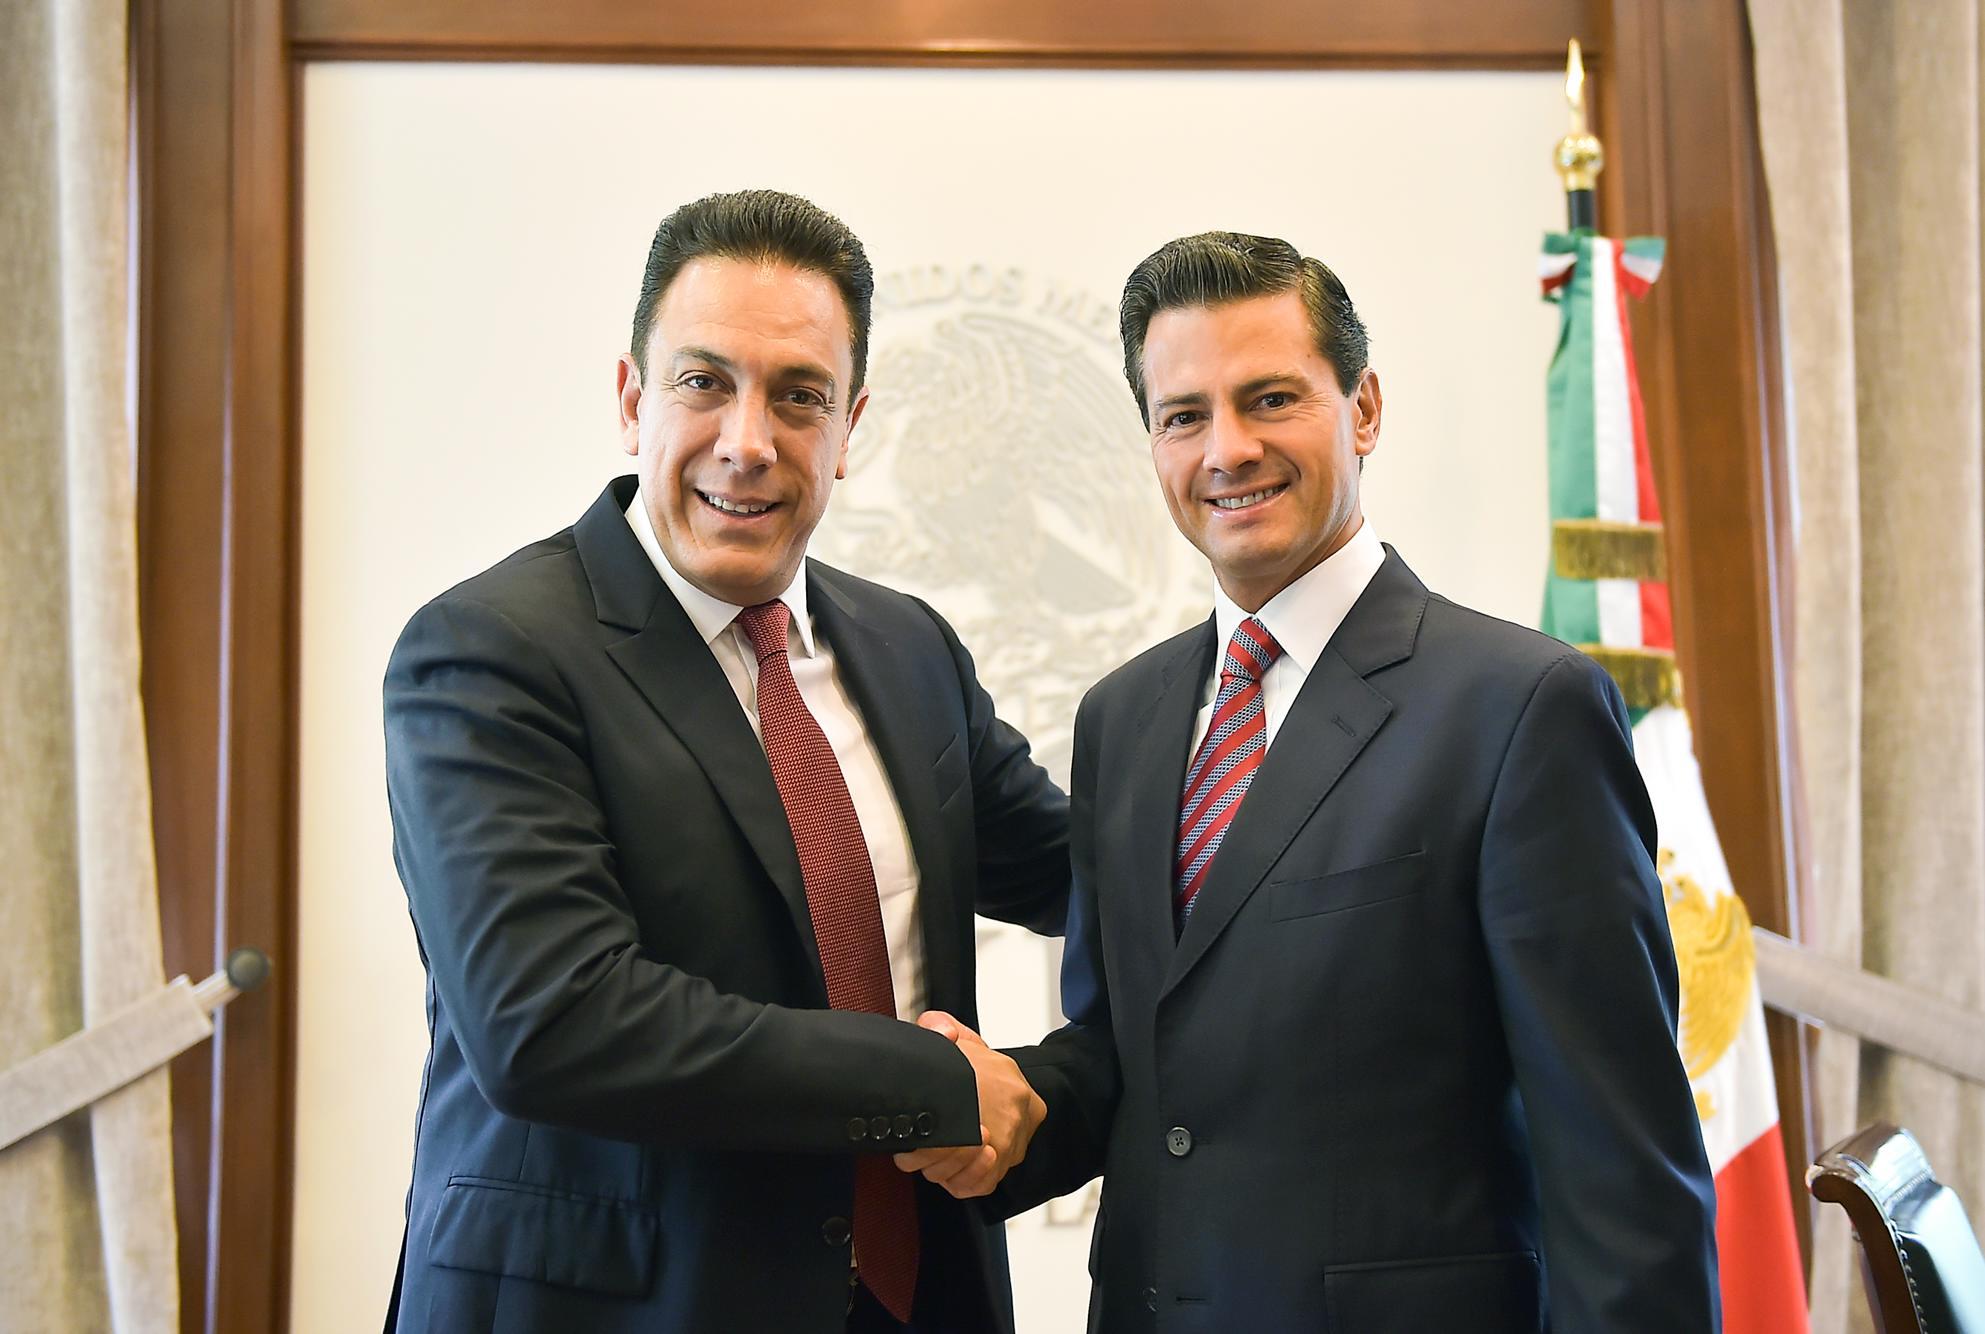 El Presidente de la República, Enrique Peña Nieto, se reunión con el Gobernador Electo de Hidalgo, Omar Fayad Meneses.